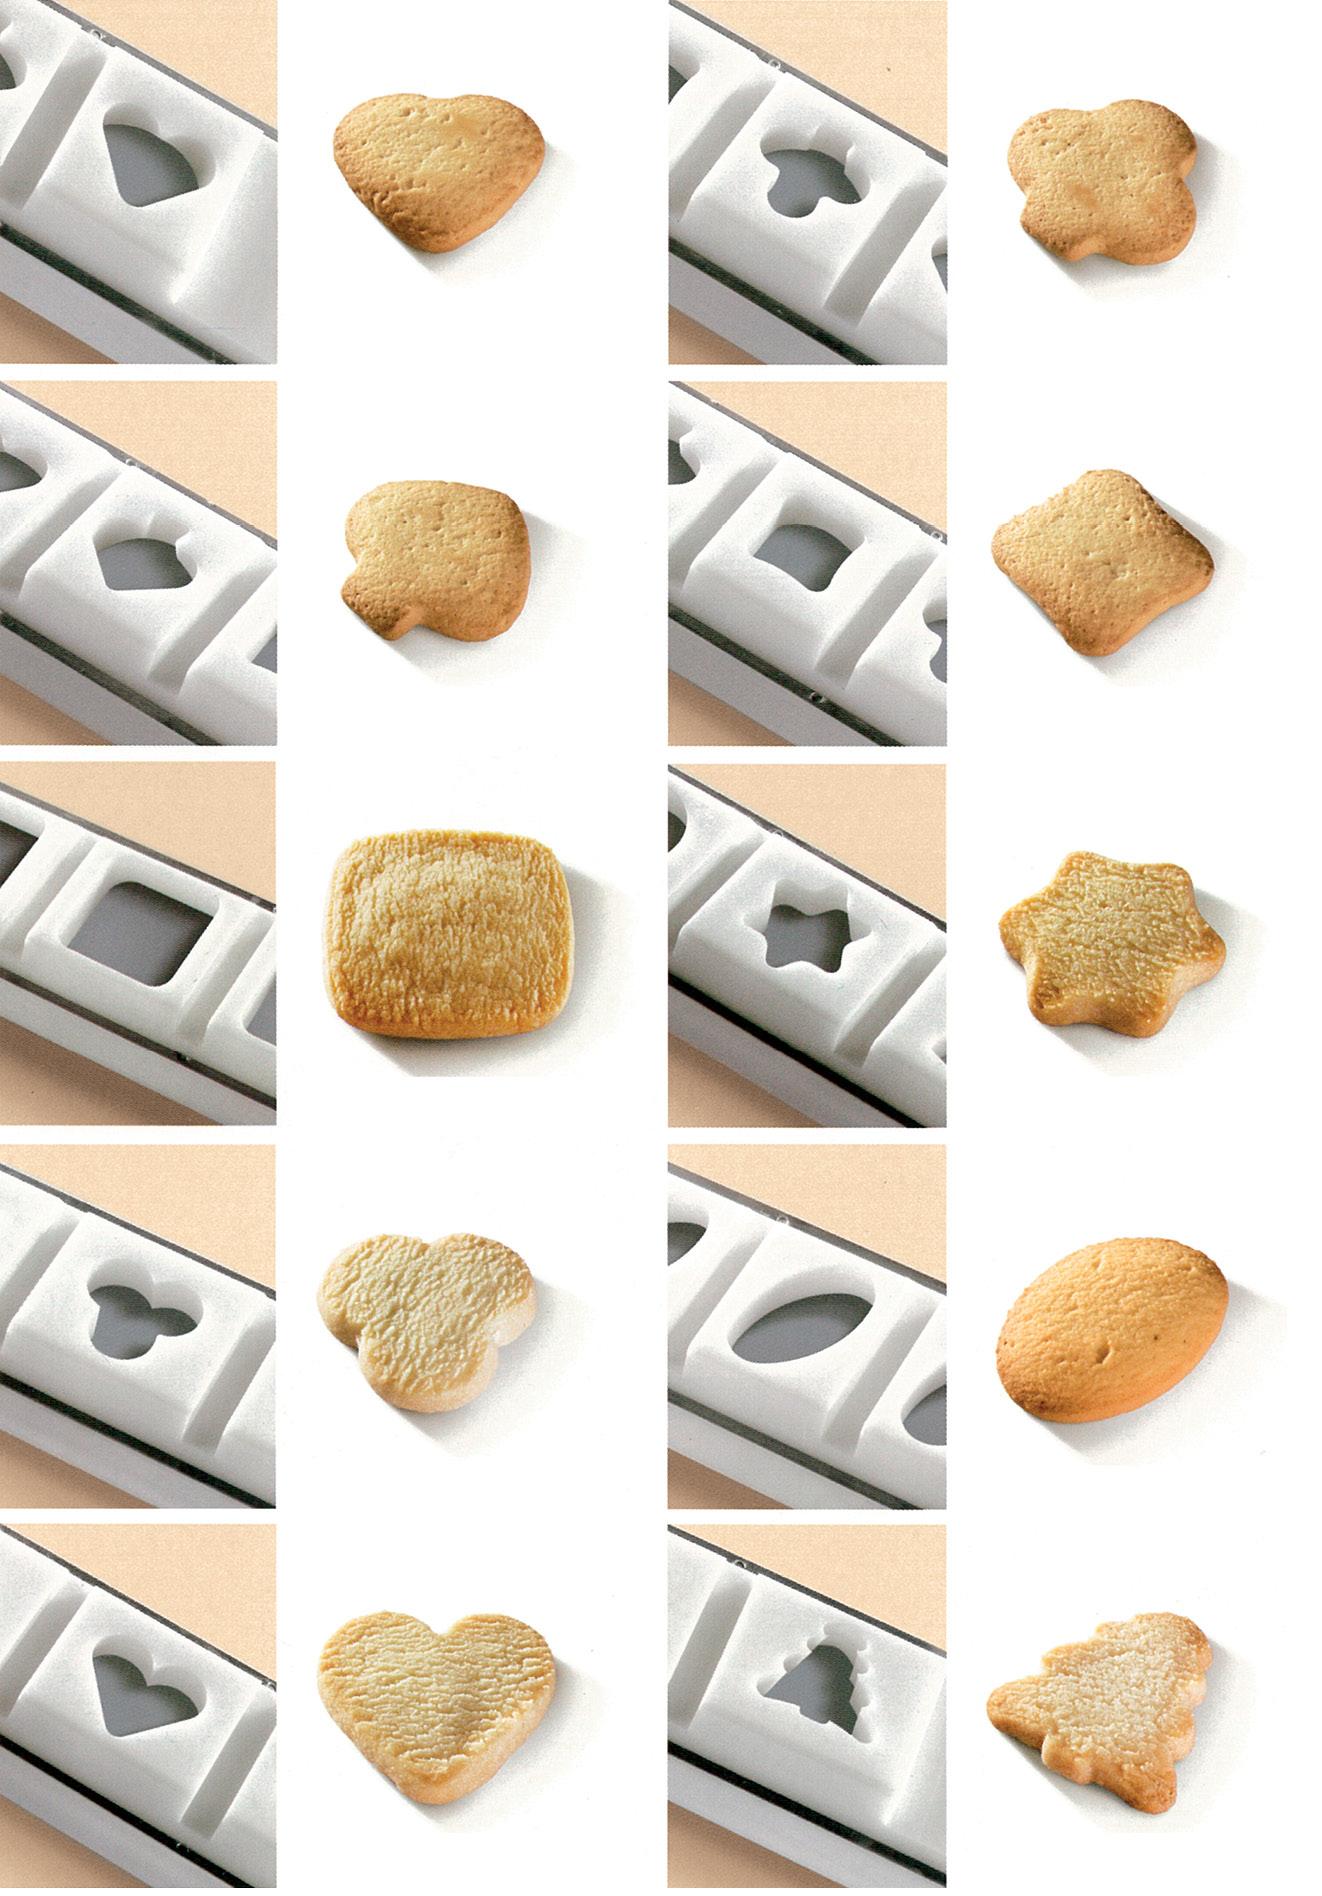 рецептура бисквитного печенья для отсадочной машины